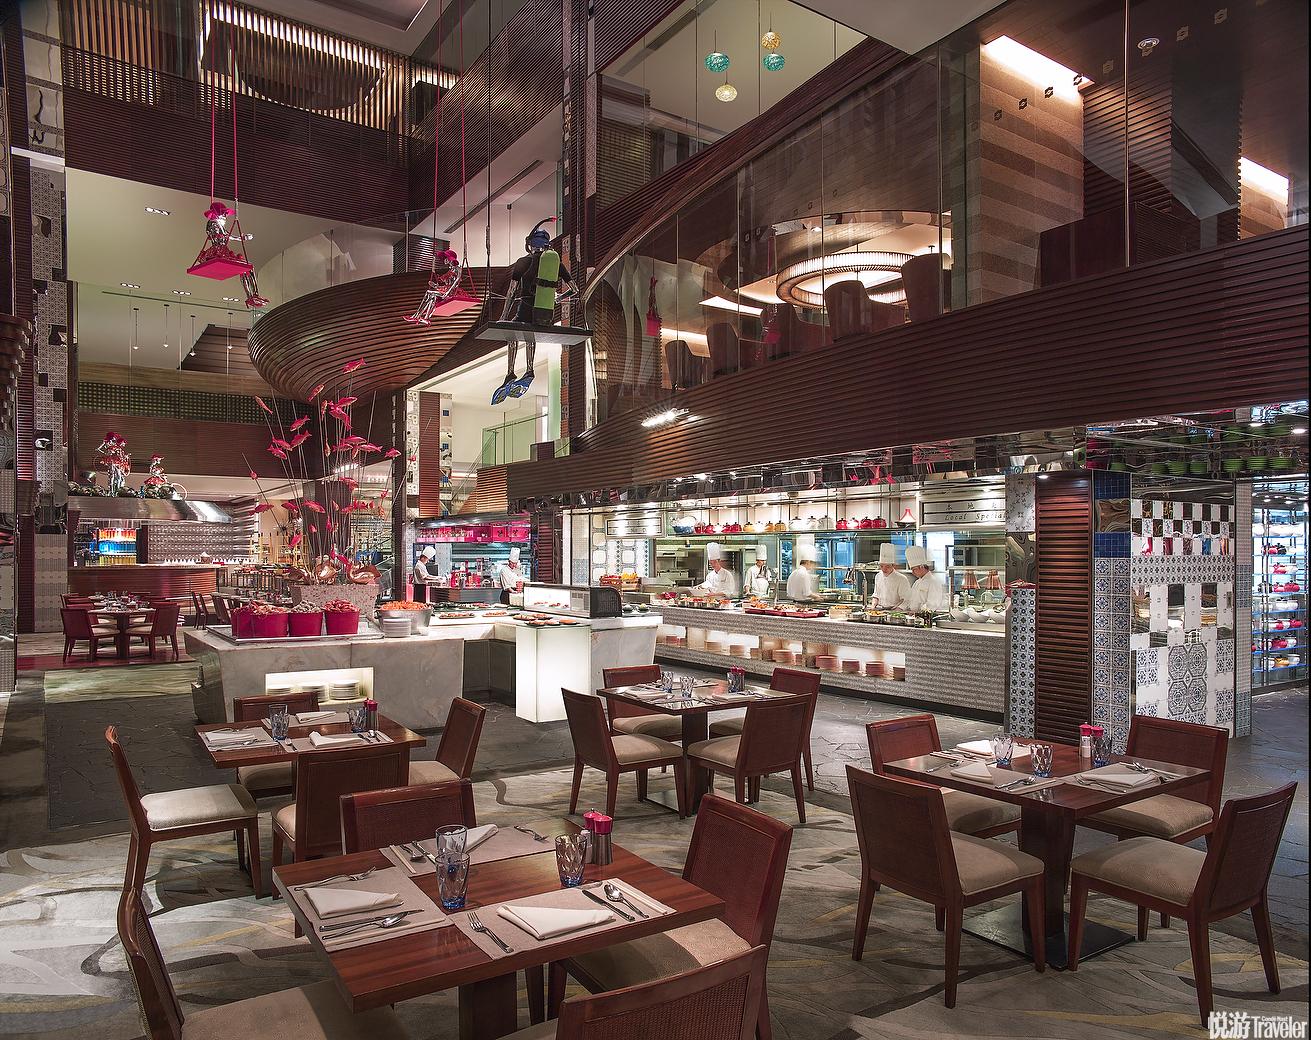 18:00 海鲜盛宴。广州香格里拉大酒店妙趣咖啡厅推出的限时创意龙虾主题自助晚餐,就为钟情波士顿龙虾的食...